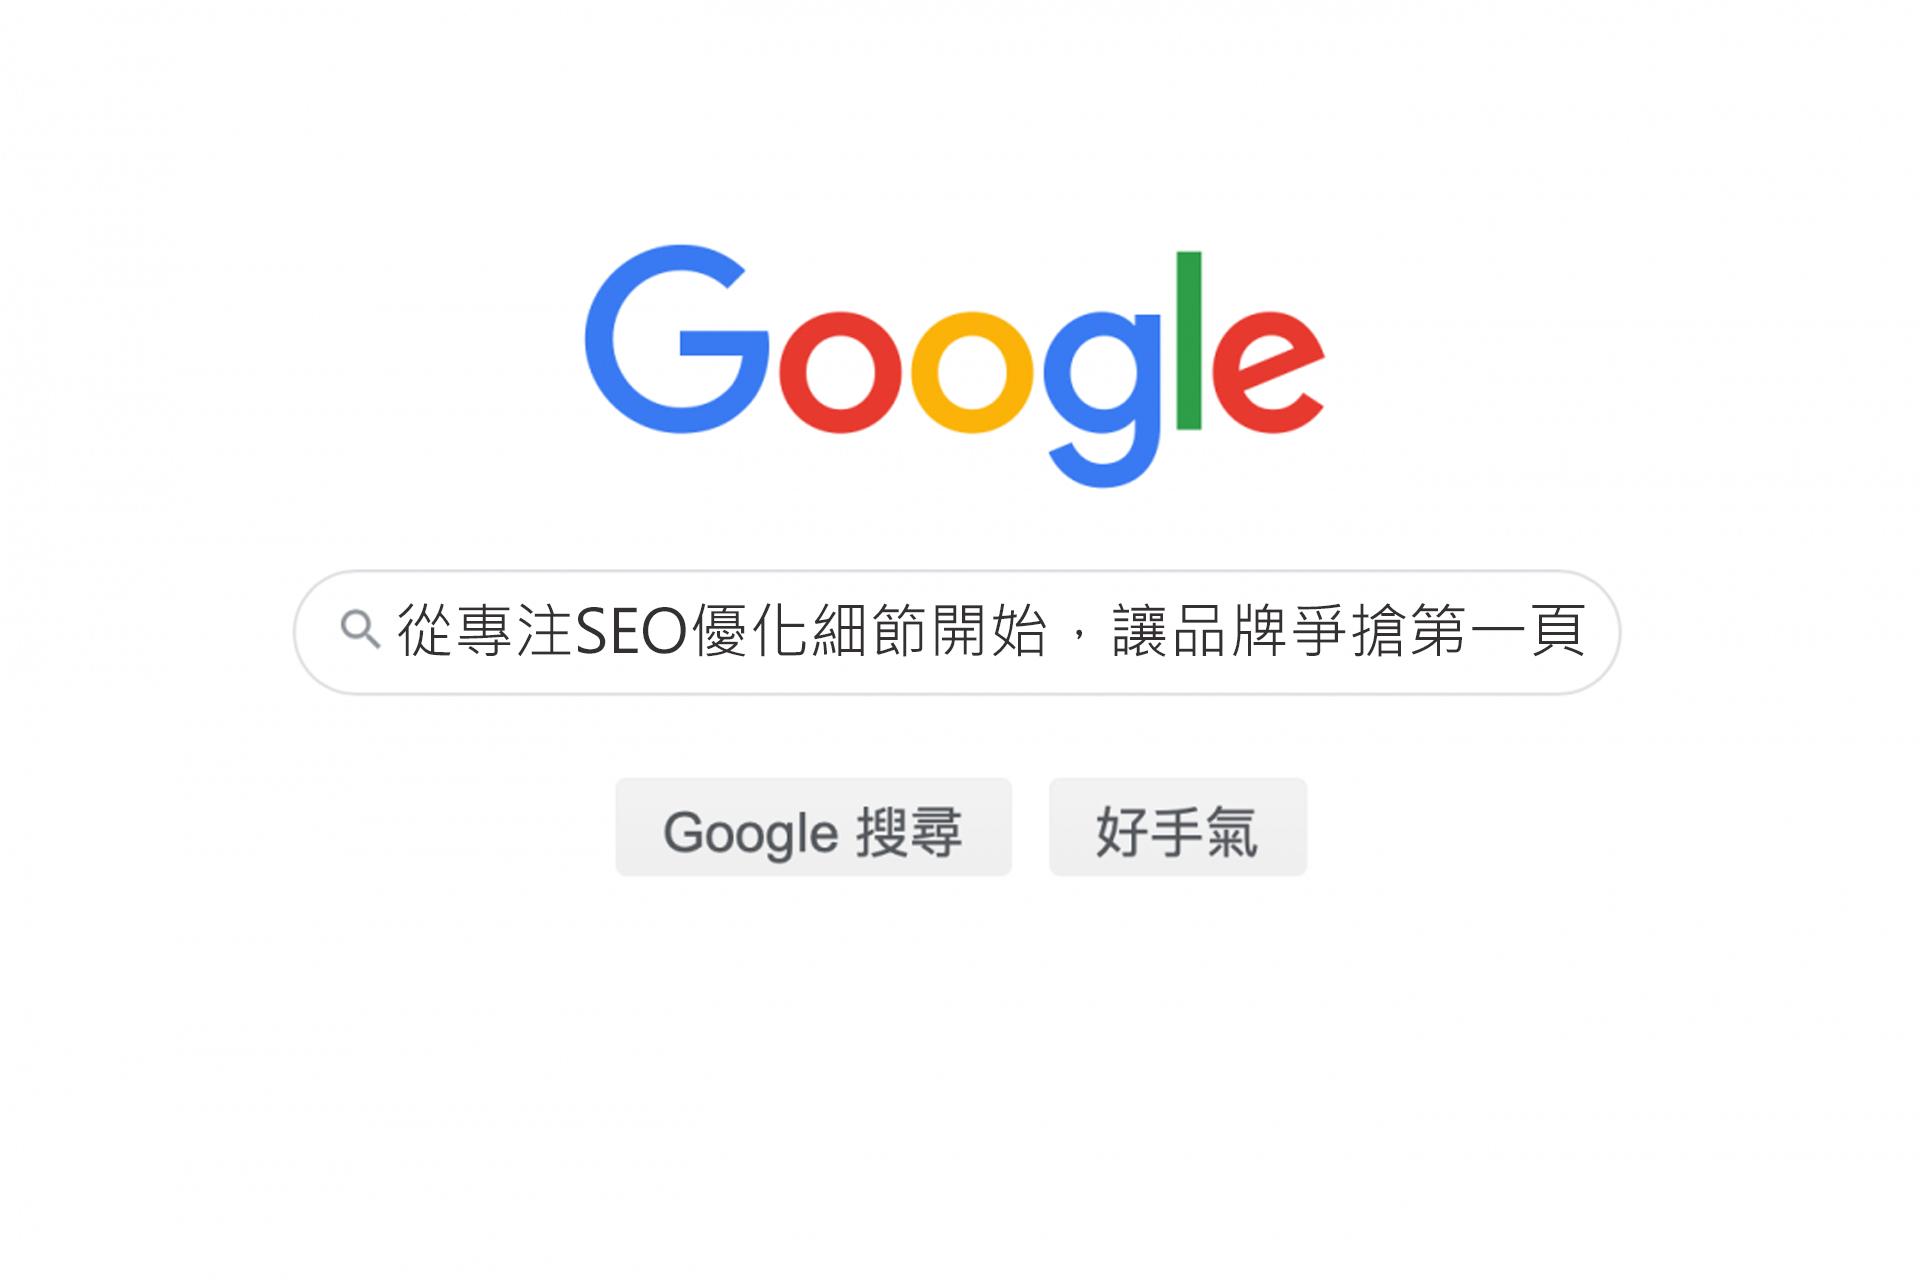 從專注SEO優化細節開始,讓品牌爭搶第一頁